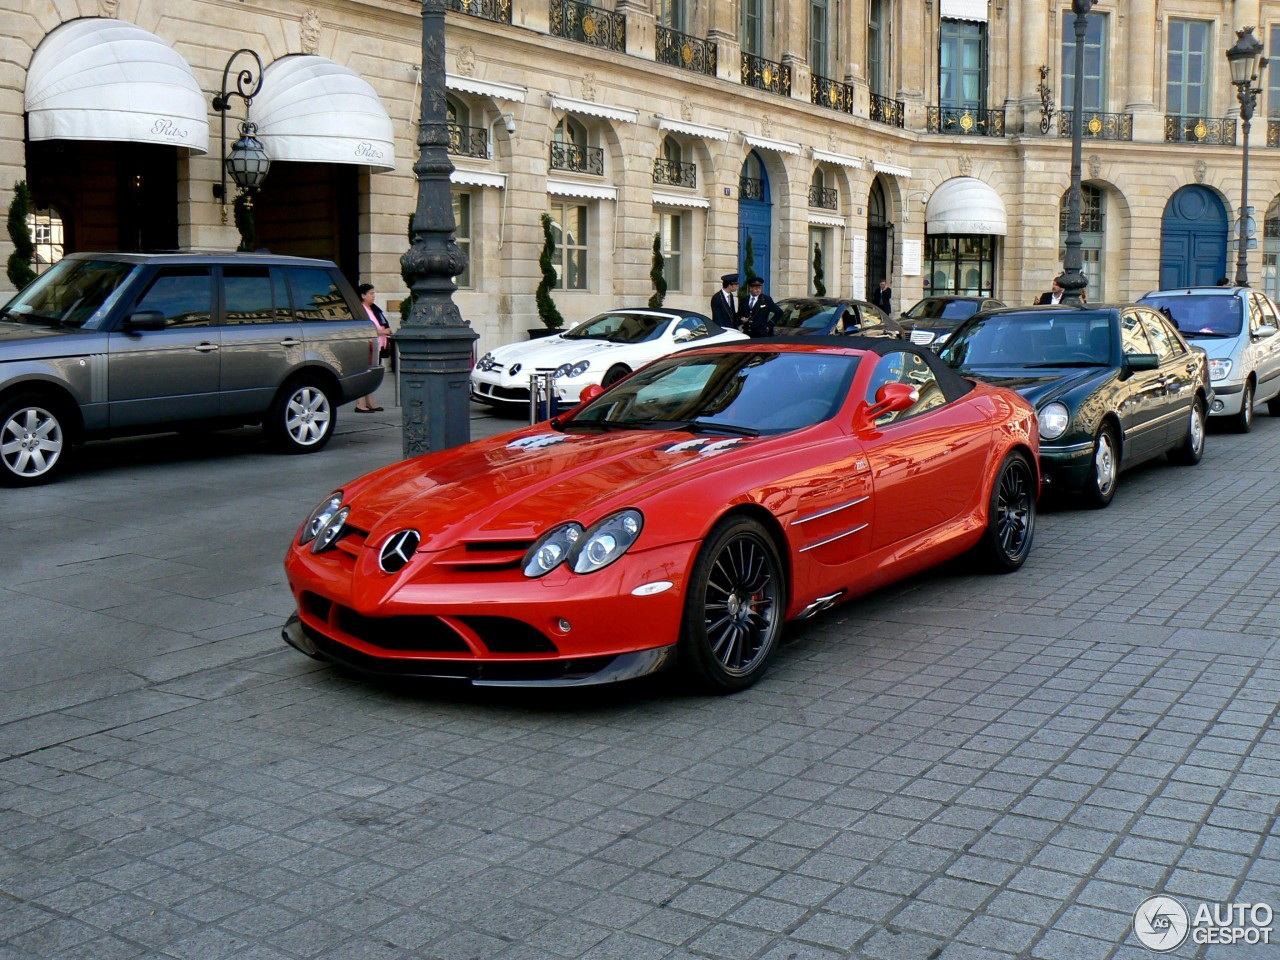 Mercedes Benz Slr Mclaren Roadster 722 S 7 Juin 2013